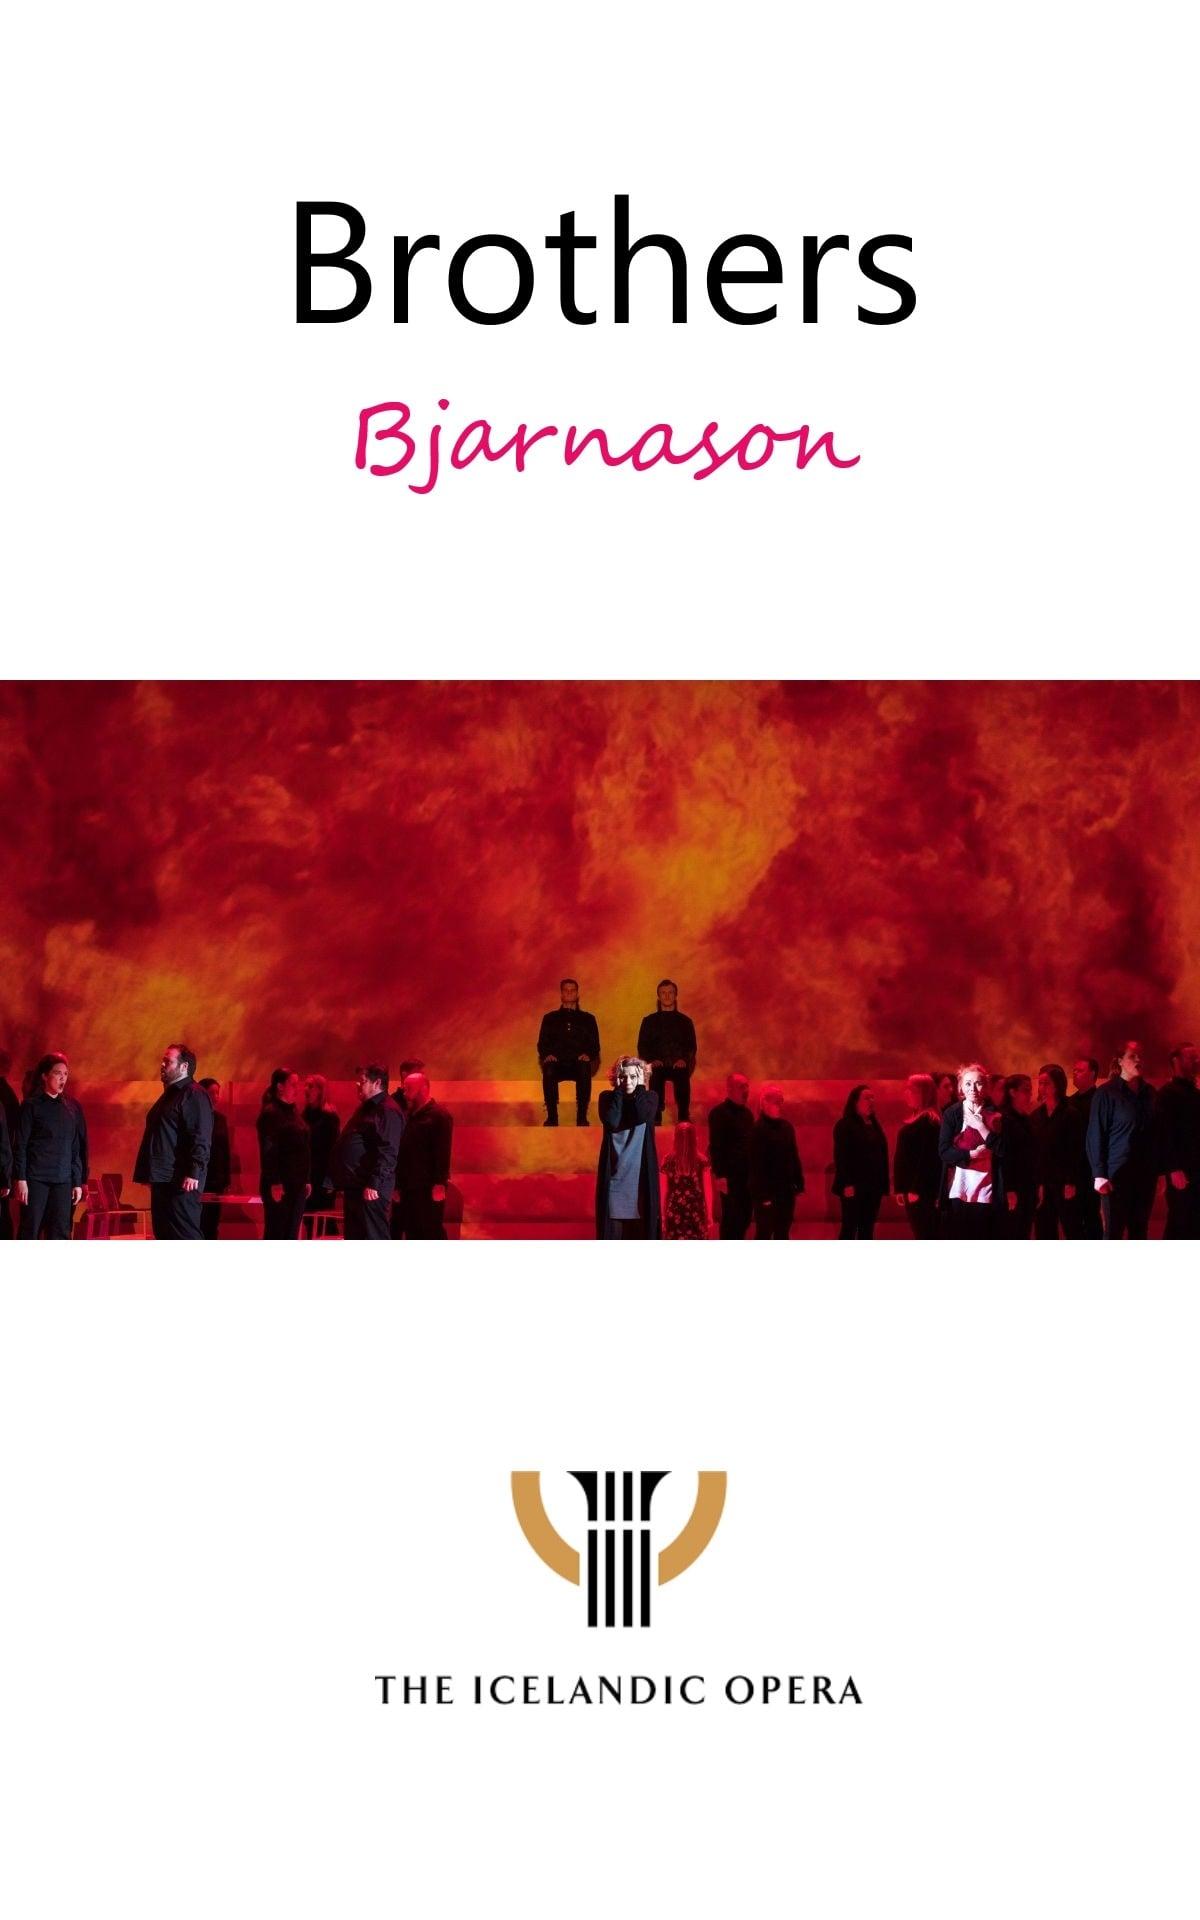 Brothers - Bjarnason